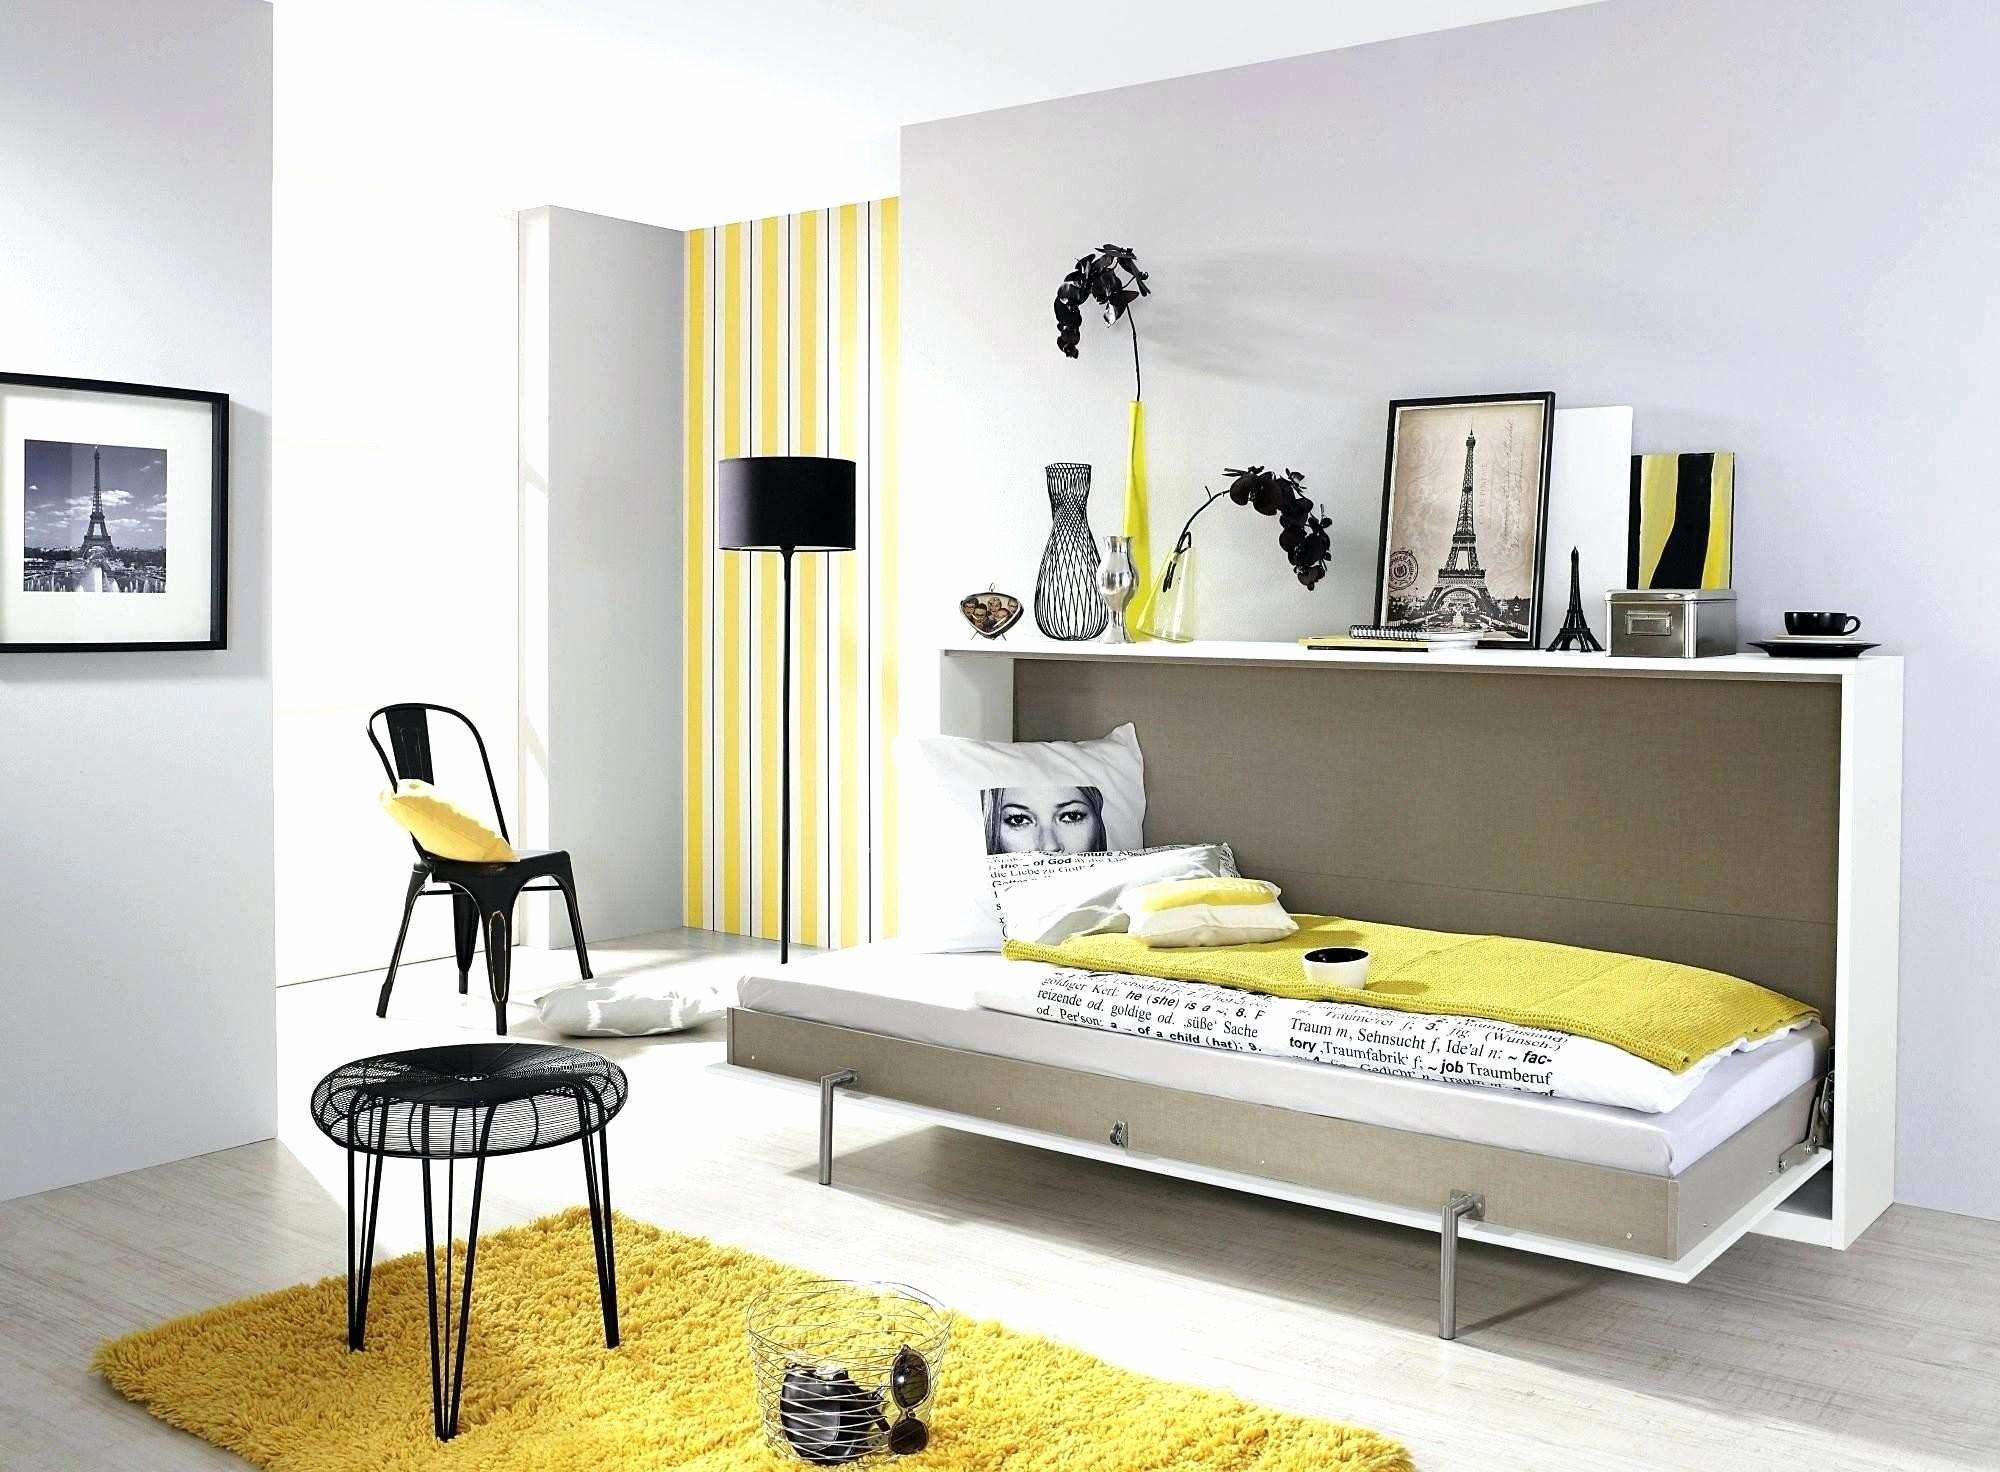 Bout De Lit Pas Cher Inspiré Banc Bout De Lit Pas Cher Best Rangement Cravate Ikea – Most Popullar